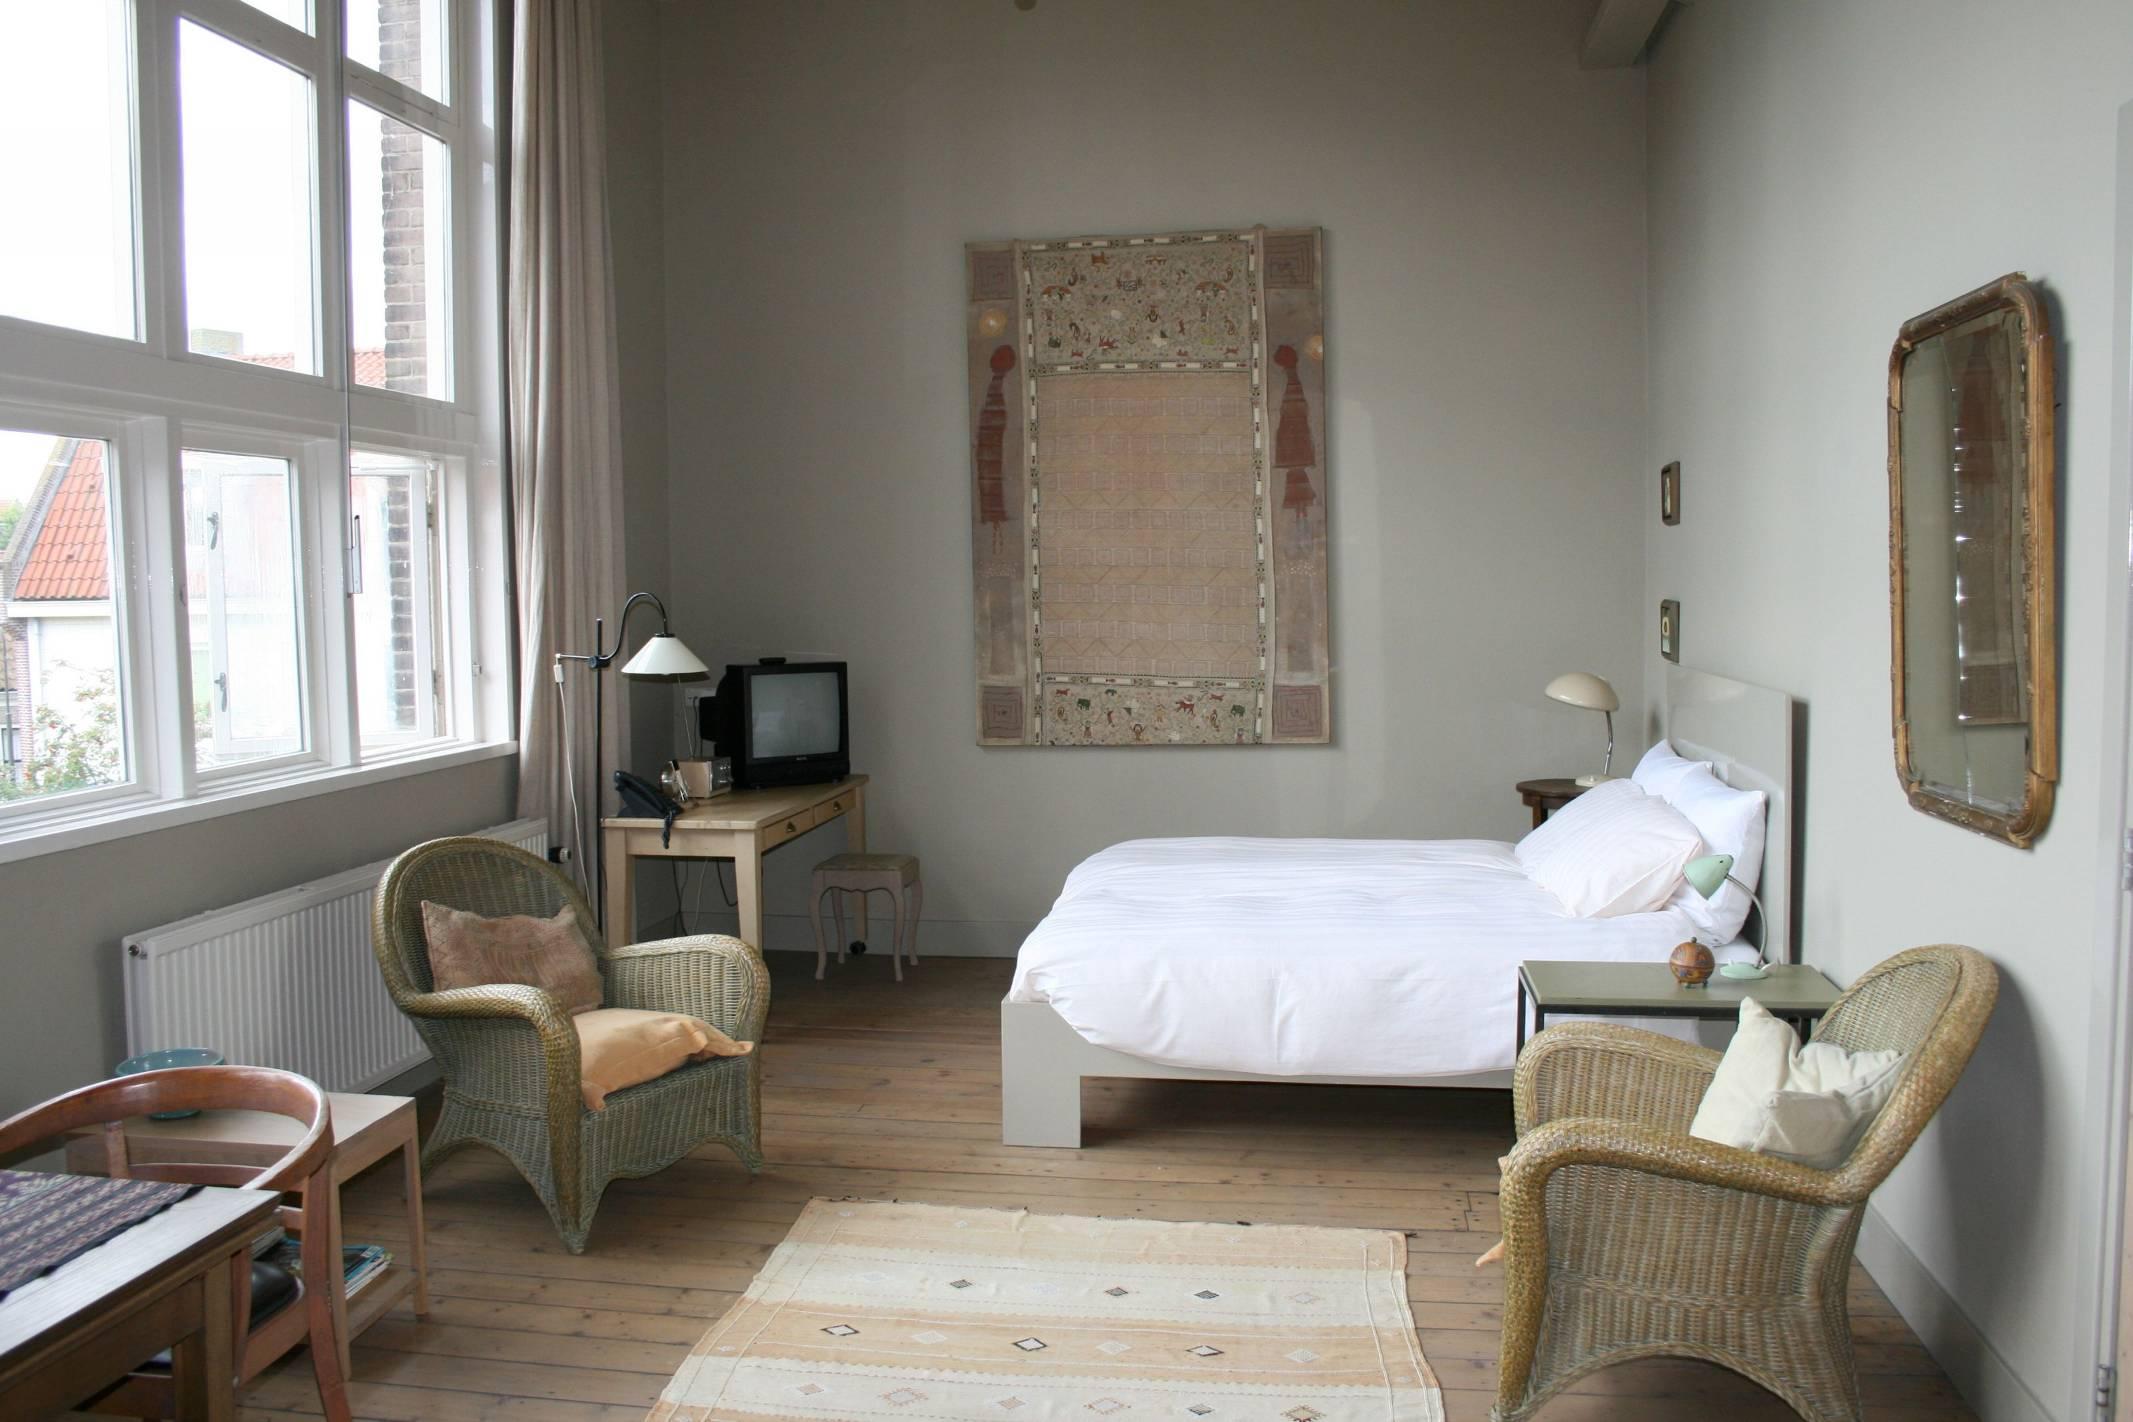 Verhuur via airbnb mag straks officieel in Haarlemmermeer, tot nu toe werd het gedoogd